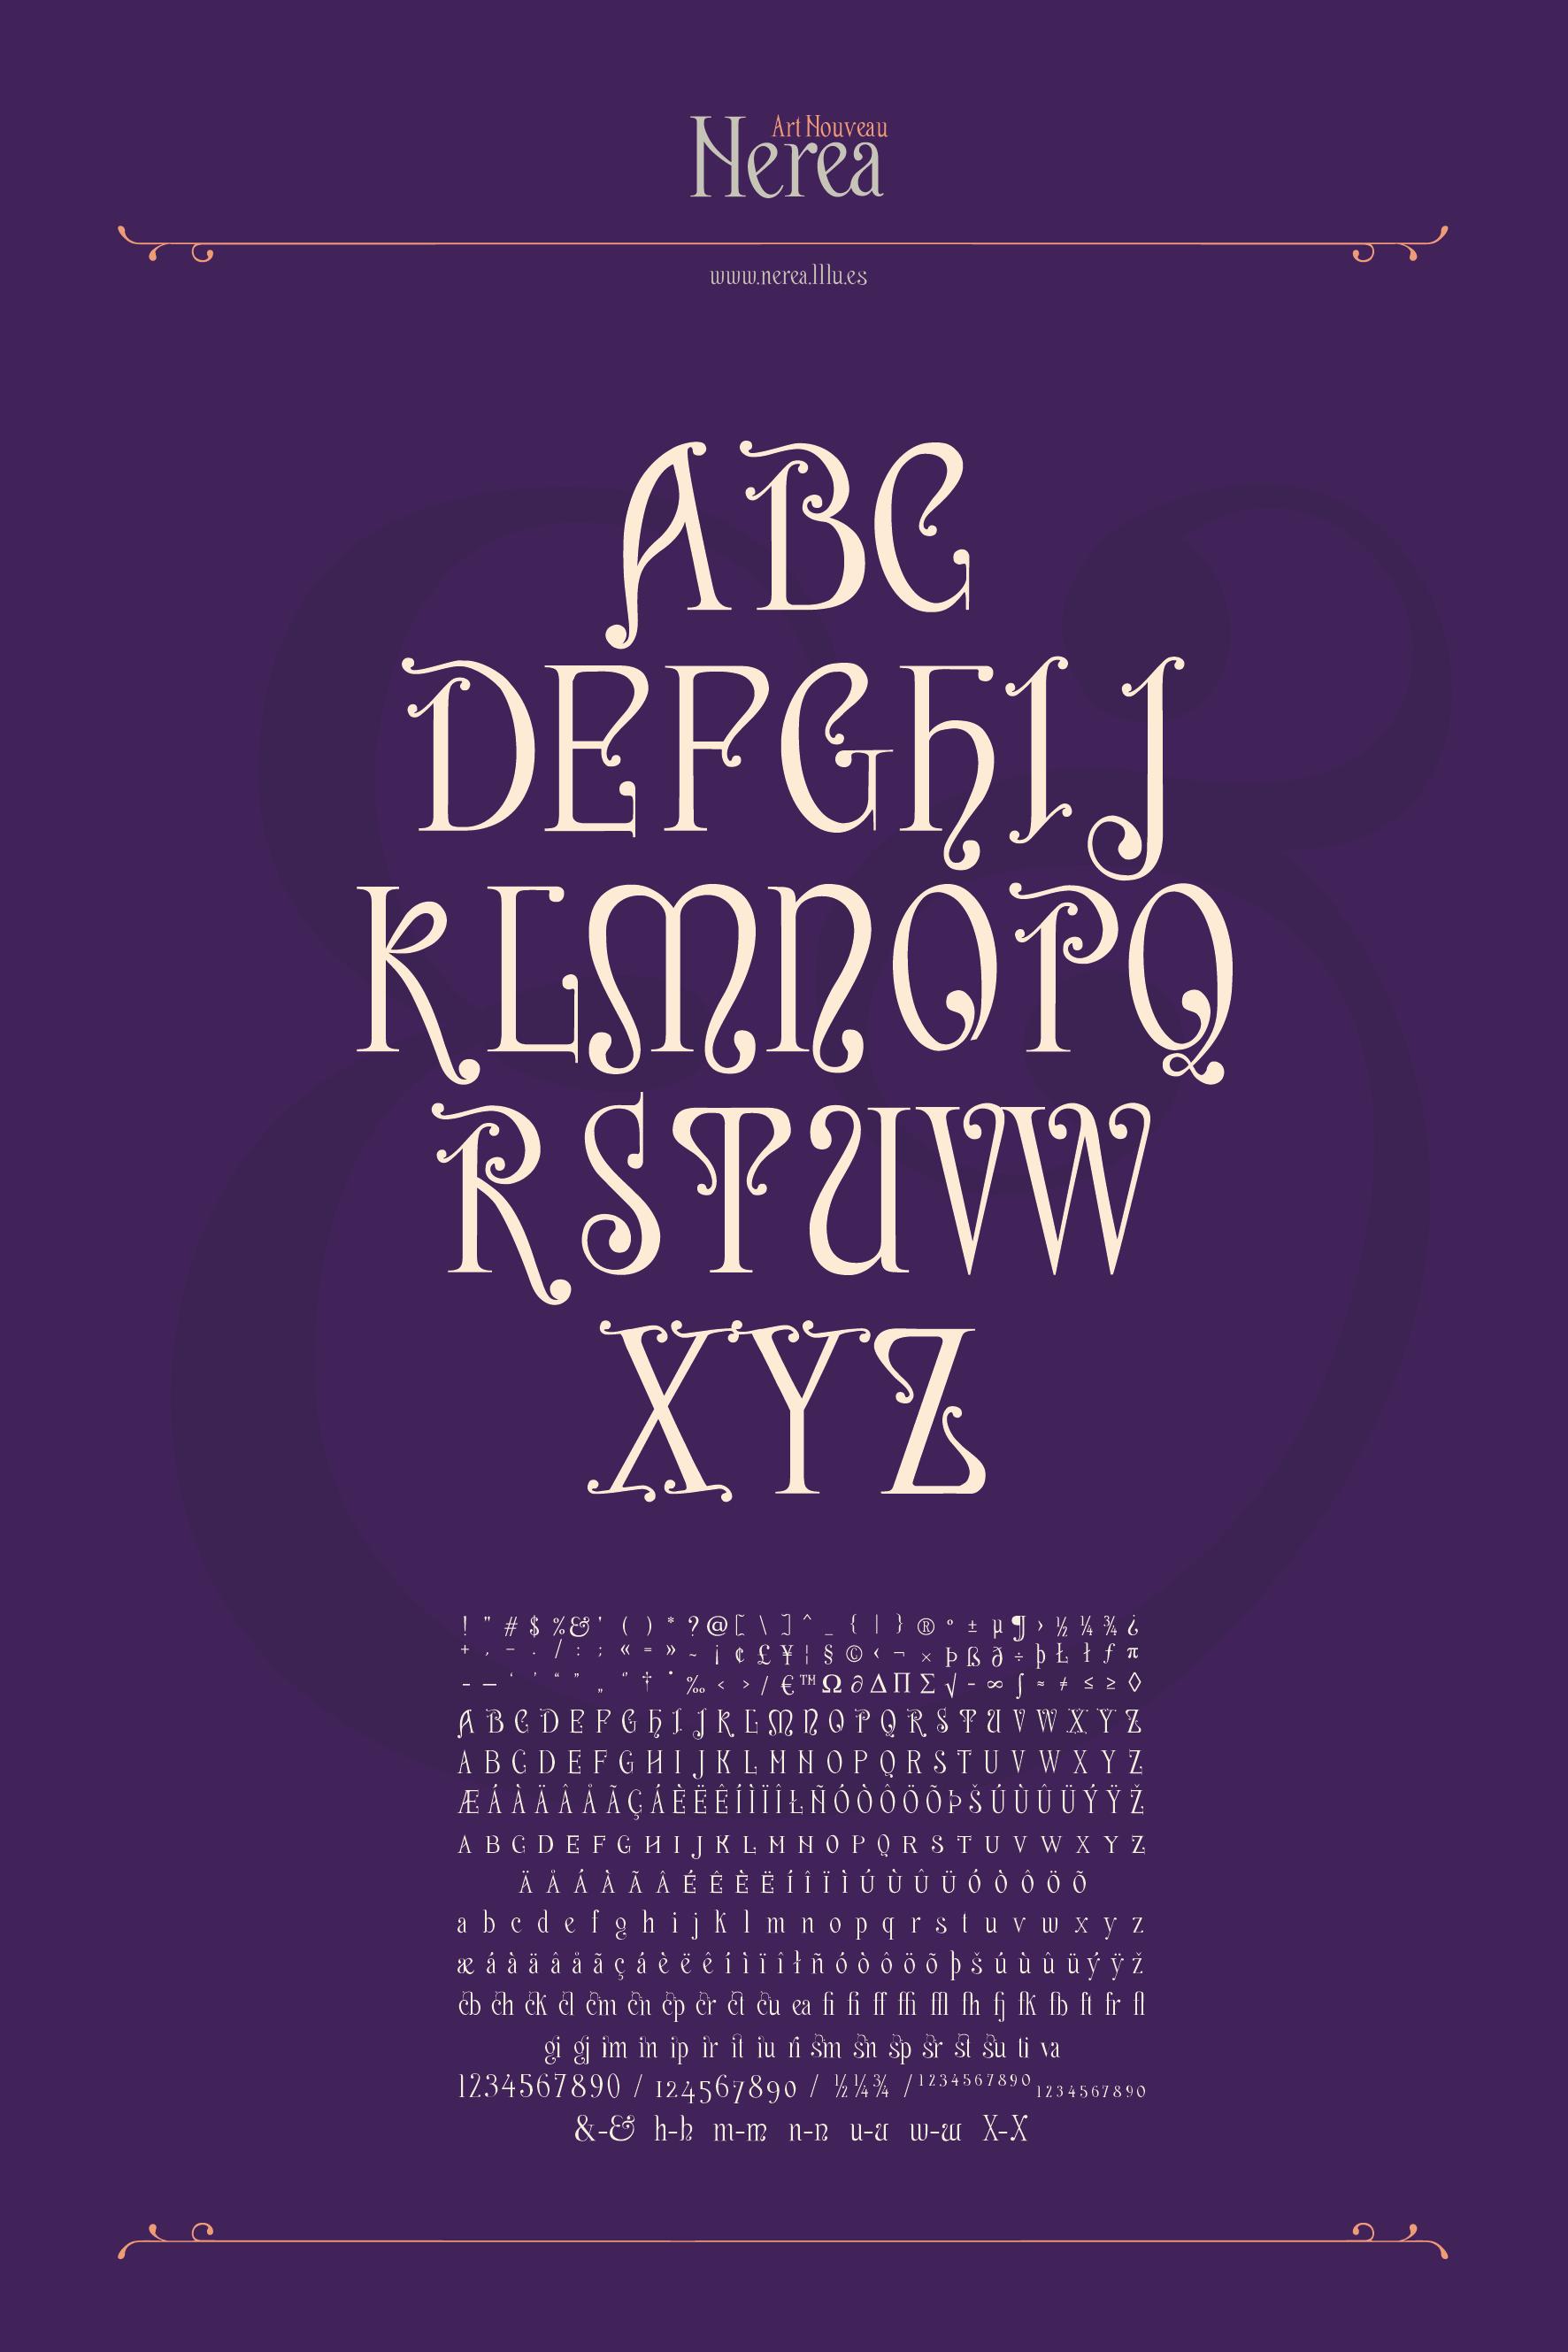 nerea-art-nouveau-typography